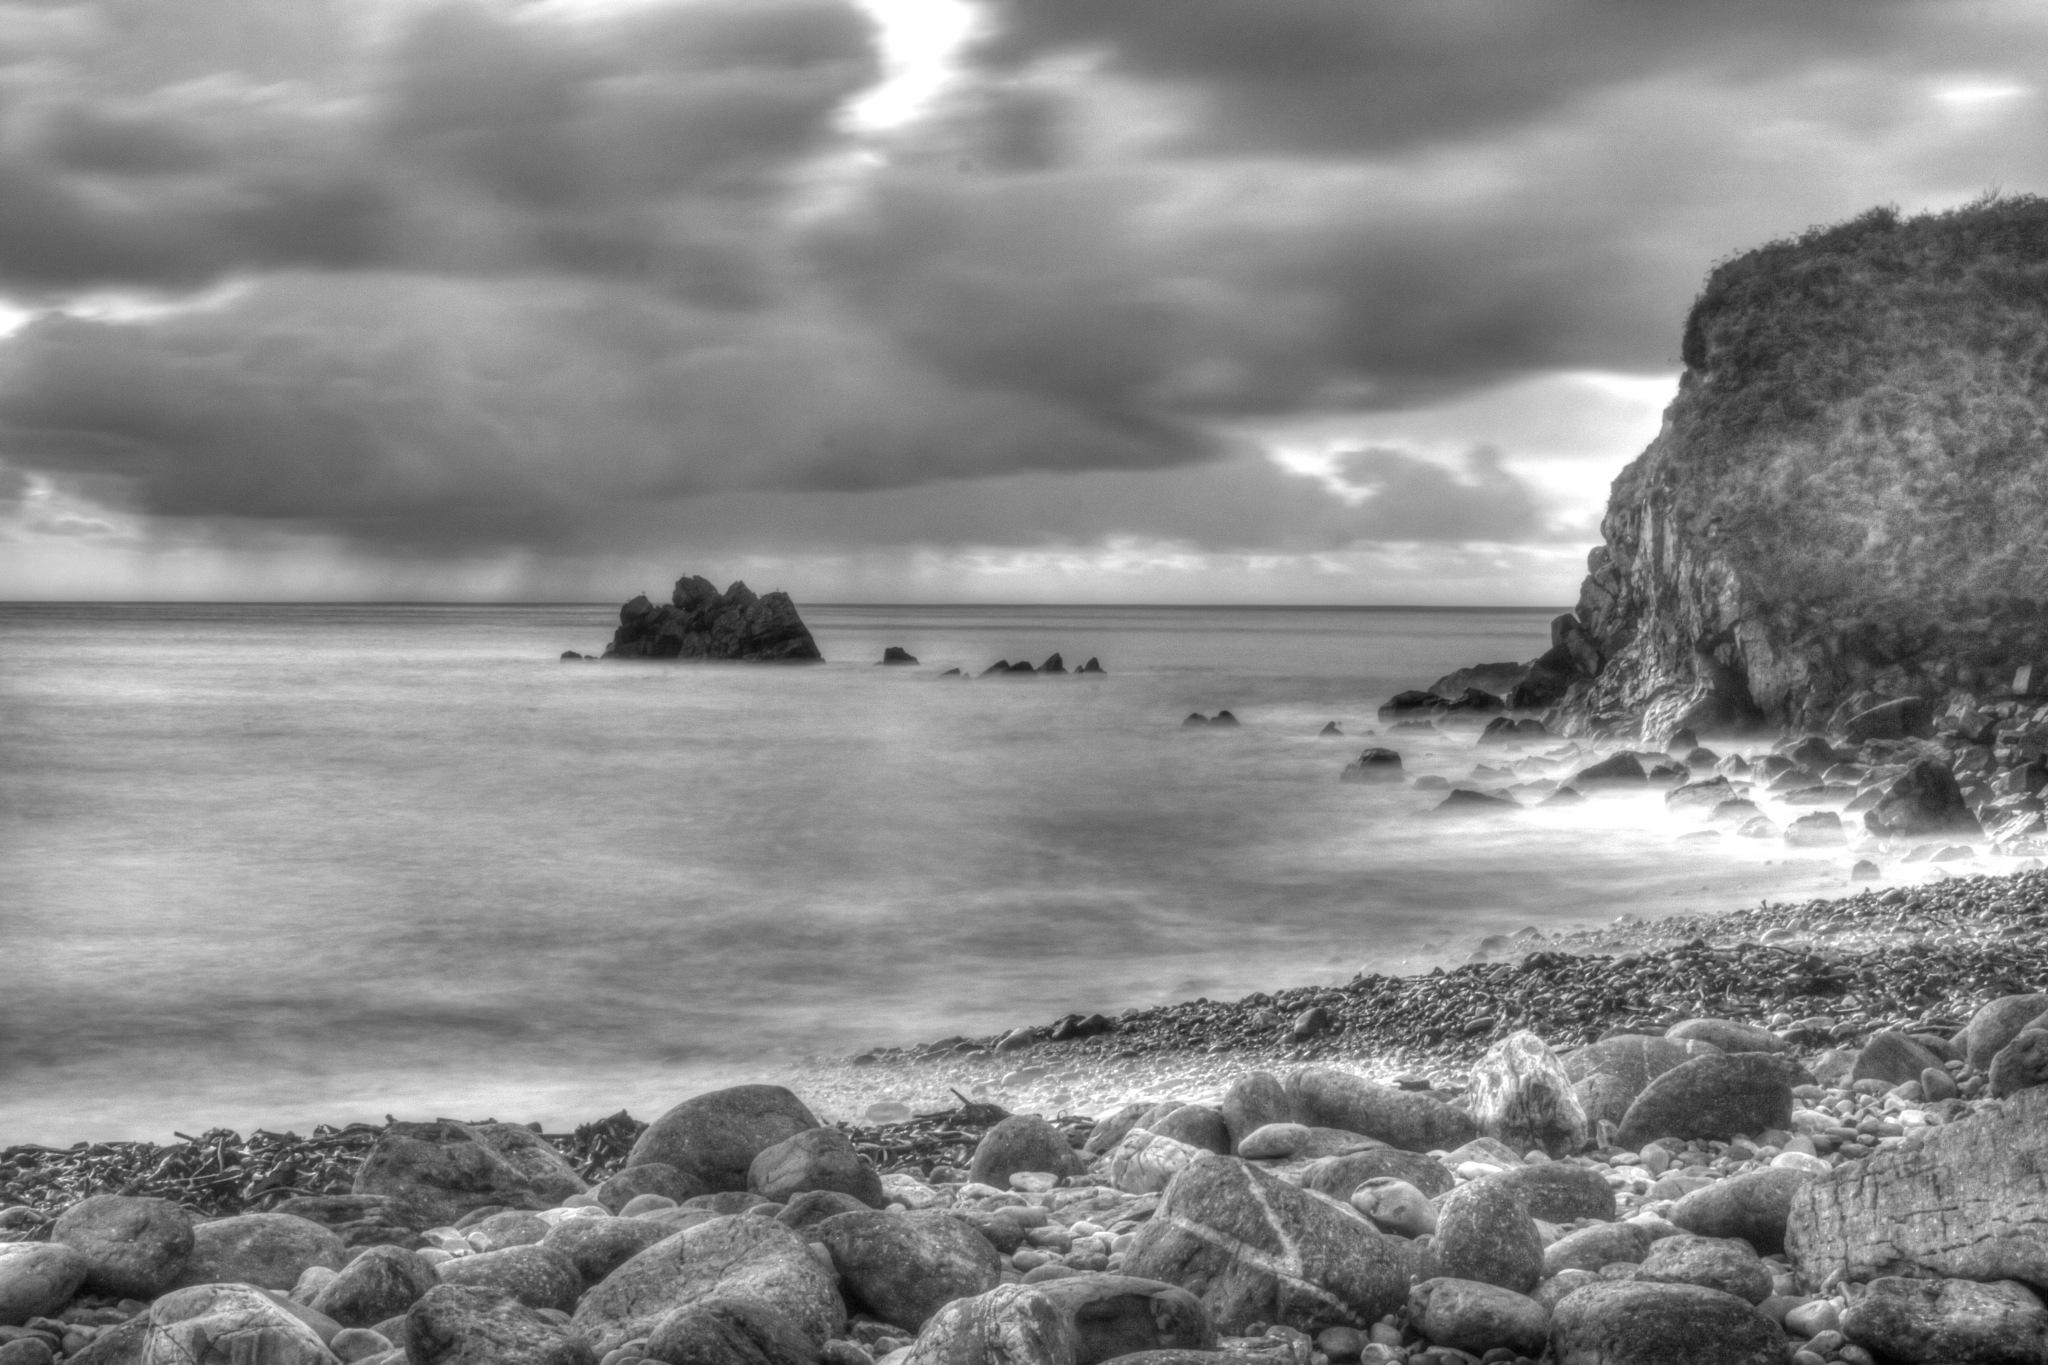 Coast in B&W by Steve Rowe